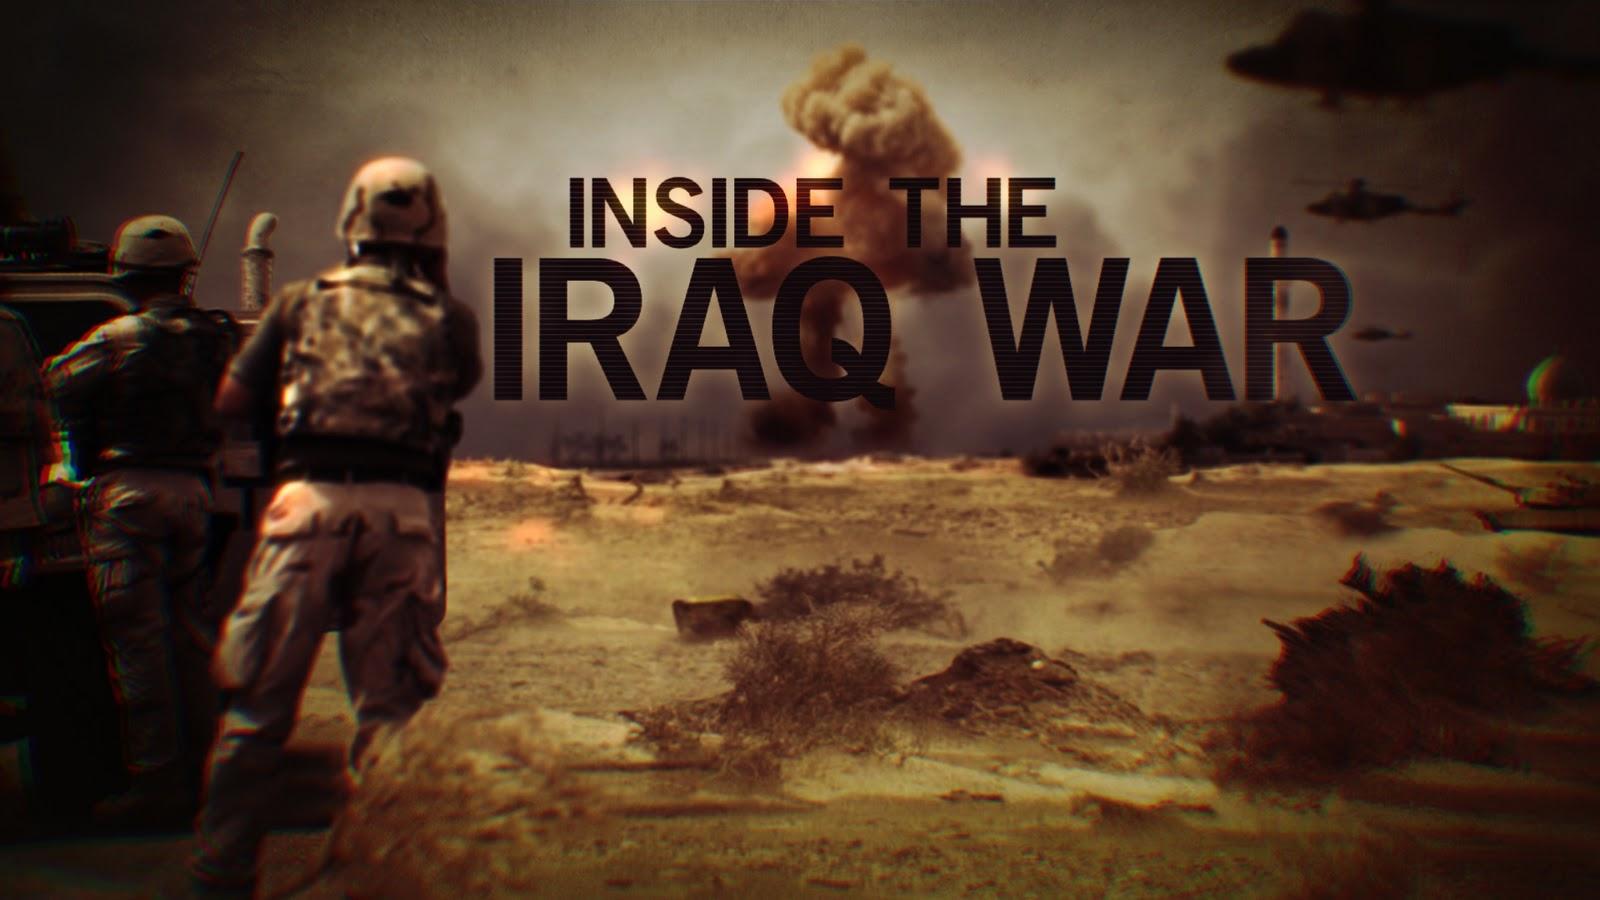 http://3.bp.blogspot.com/-iiGiBJsF89E/Tx6lej8pBoI/AAAAAAAABaM/R1cjguFCYt8/s1600/Inside_the_Iraq_War.jpg